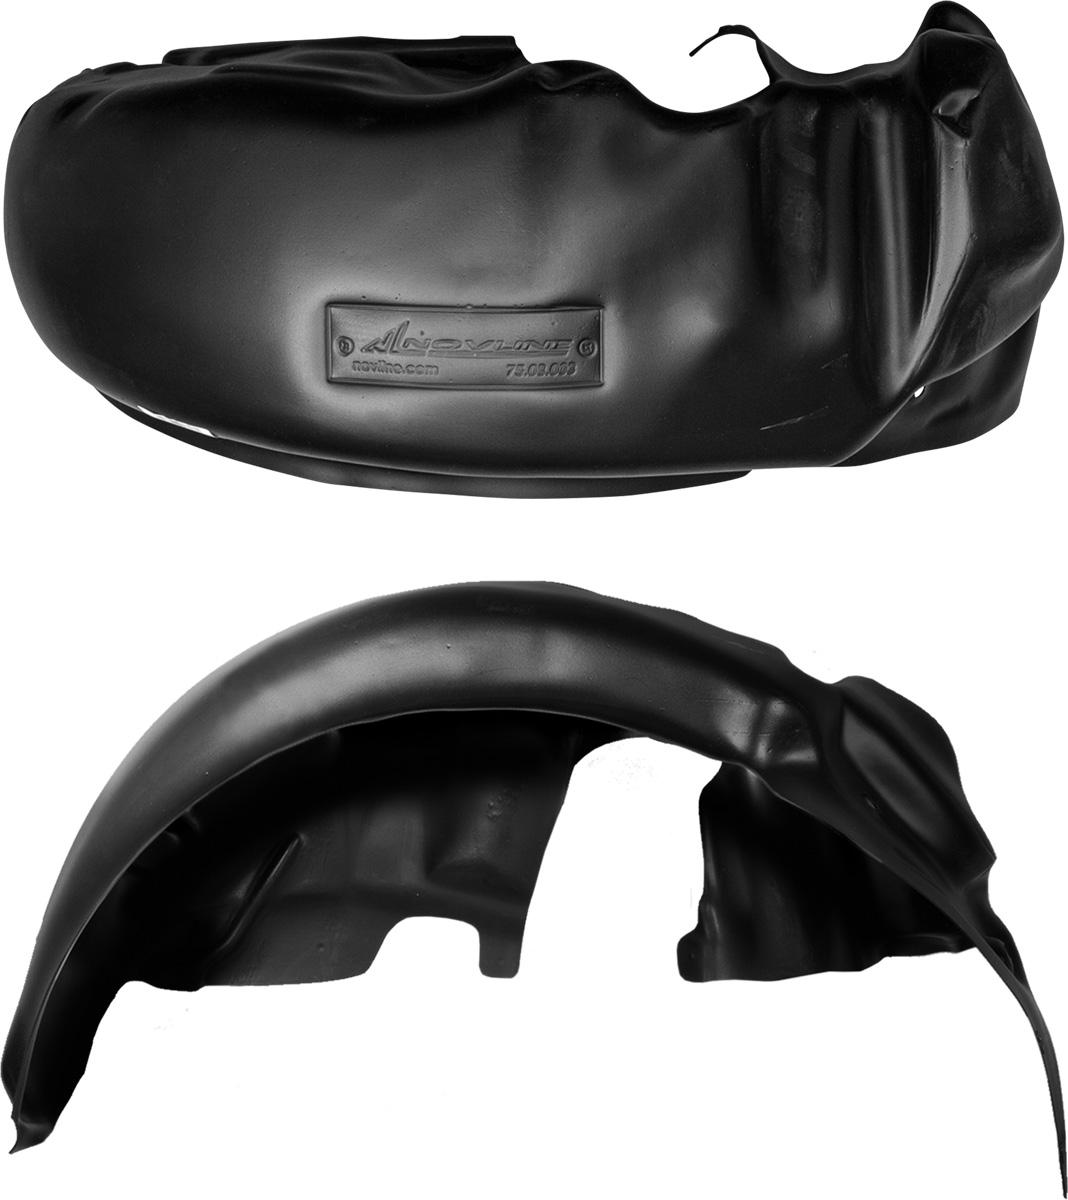 Подкрылок Novline-Autofamily, для Kia Rio, 2012-> хэтчбек, задний правыйNLL.25.39.004Колесные ниши - одни из самых уязвимых зон днища вашего автомобиля. Они постоянно подвергаются воздействию со стороны дороги. Лучшая, почти абсолютная защита для них - специально отформованные пластиковые кожухи, которые называются подкрылками. Производятся они как для отечественных моделей автомобилей, так и для иномарок. Подкрылки Novline-Autofamily выполнены из высококачественного, экологически чистого пластика. Обеспечивают надежную защиту кузова автомобиля от пескоструйного эффекта и негативного влияния, агрессивных антигололедных реагентов. Пластик обладает более низкой теплопроводностью, чем металл, поэтому в зимний период эксплуатации использование пластиковых подкрылков позволяет лучше защитить колесные ниши от налипания снега и образования наледи. Оригинальность конструкции подчеркивает элегантность автомобиля, бережно защищает нанесенное на днище кузова антикоррозийное покрытие и позволяет осуществить крепление подкрылков внутри колесной арки практически без...